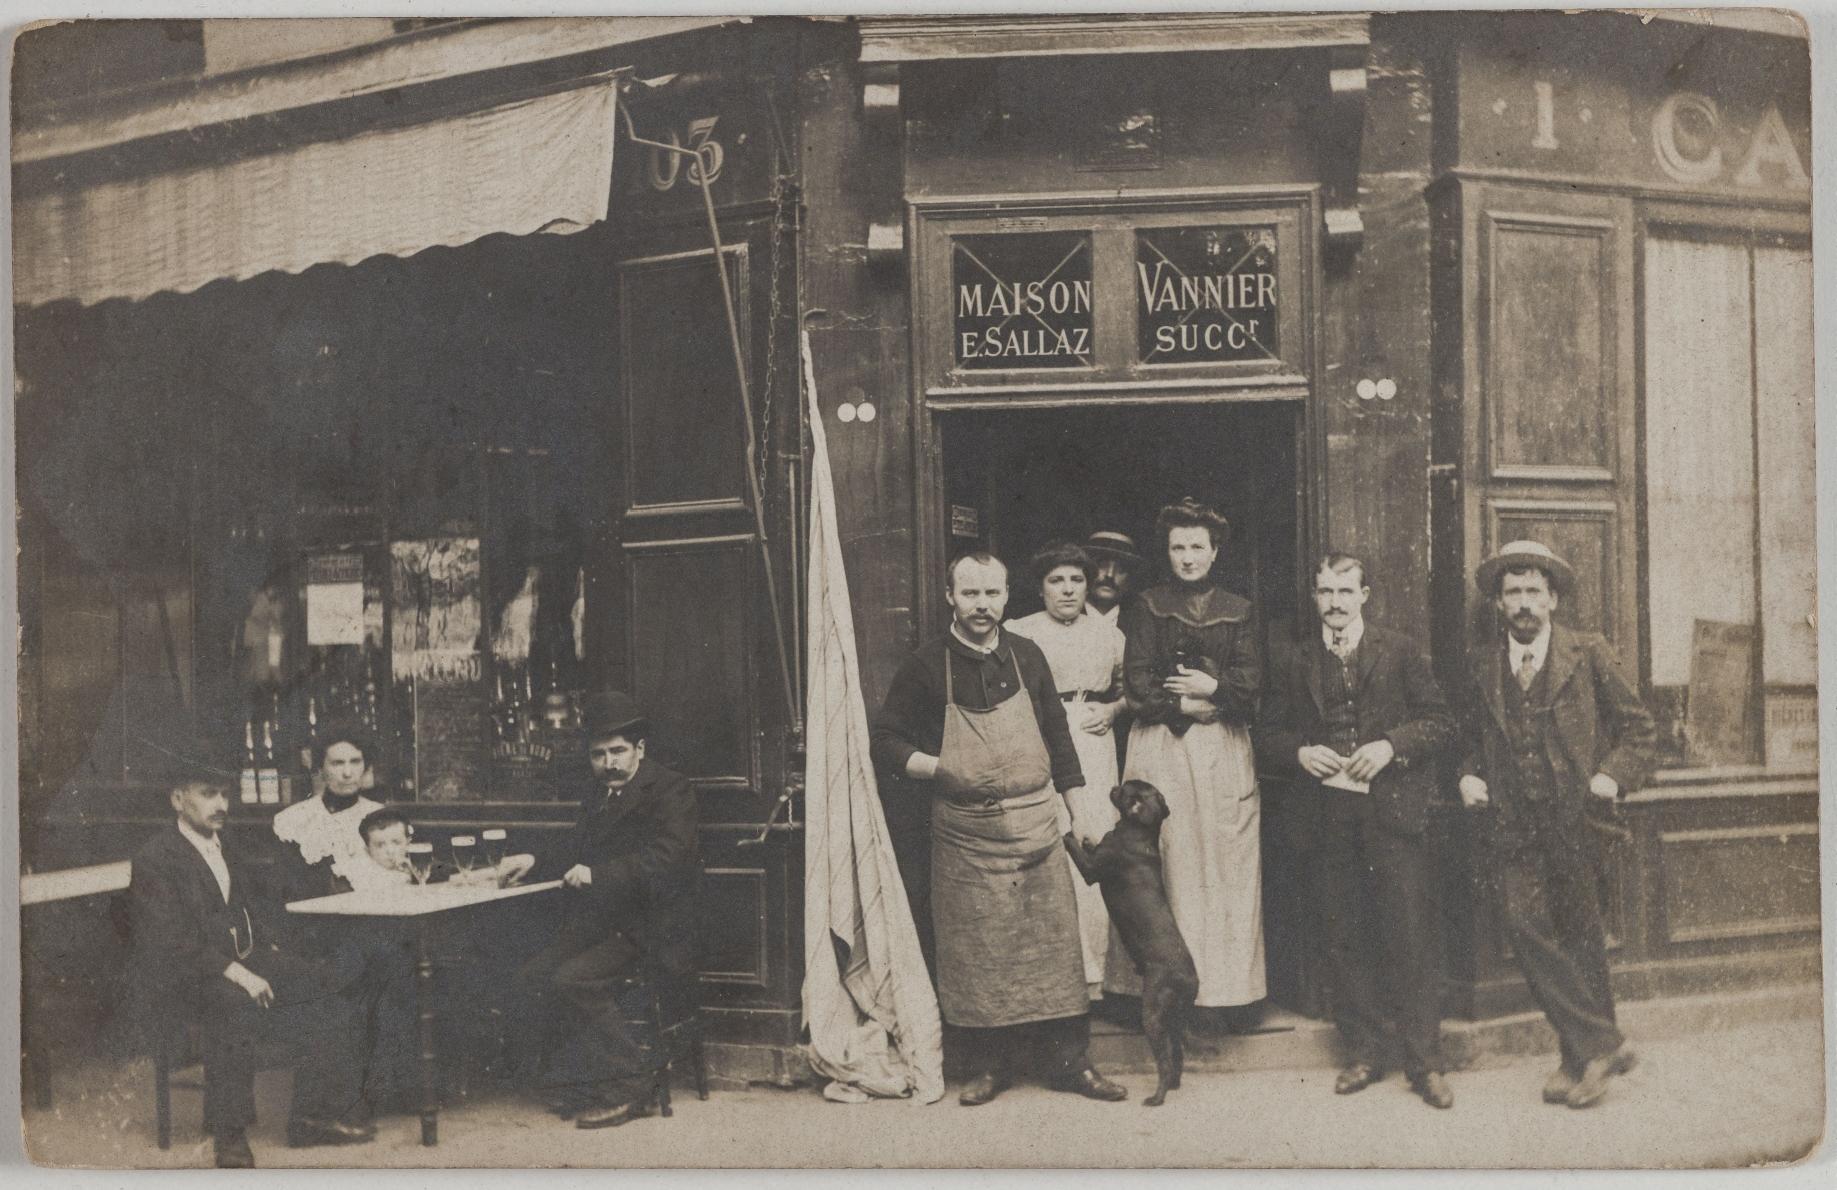 1903. Кафе, ликеры. Дом Ваннье, преемник Э. Саллаза